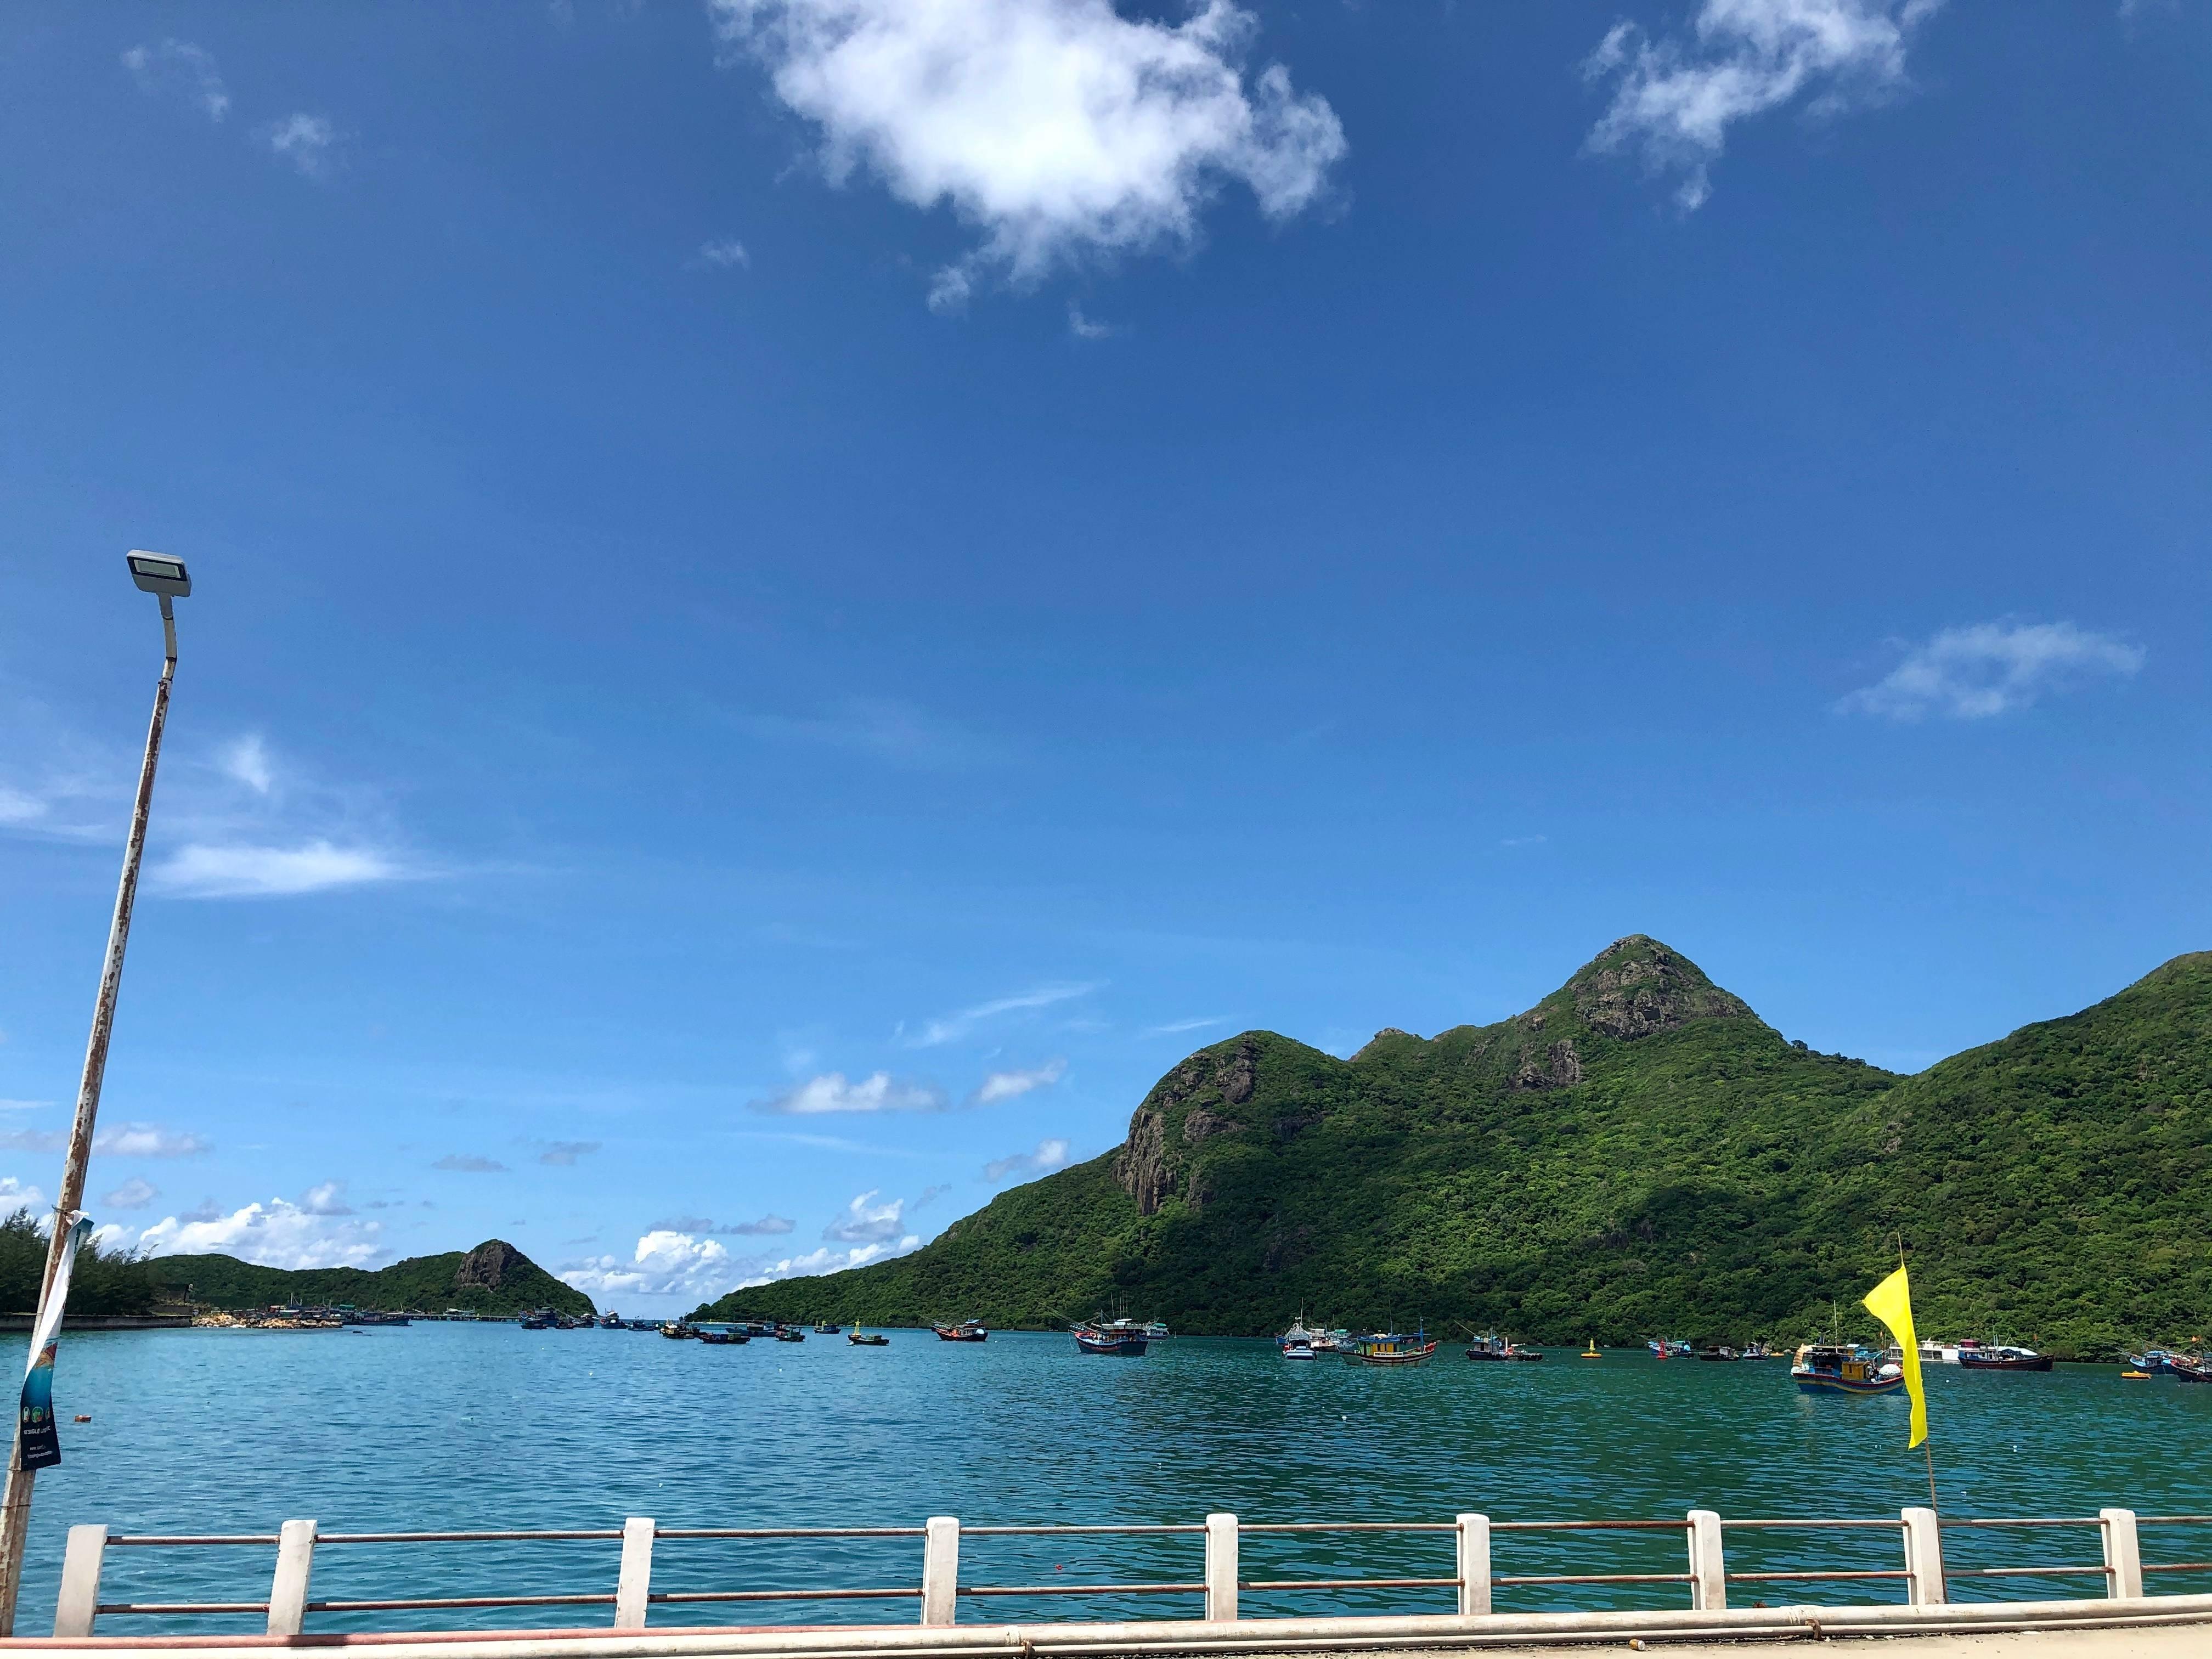 Điểm danh 15 địa điểm siêu đẹp ở Côn Đảo lên hình cực ảo - 6